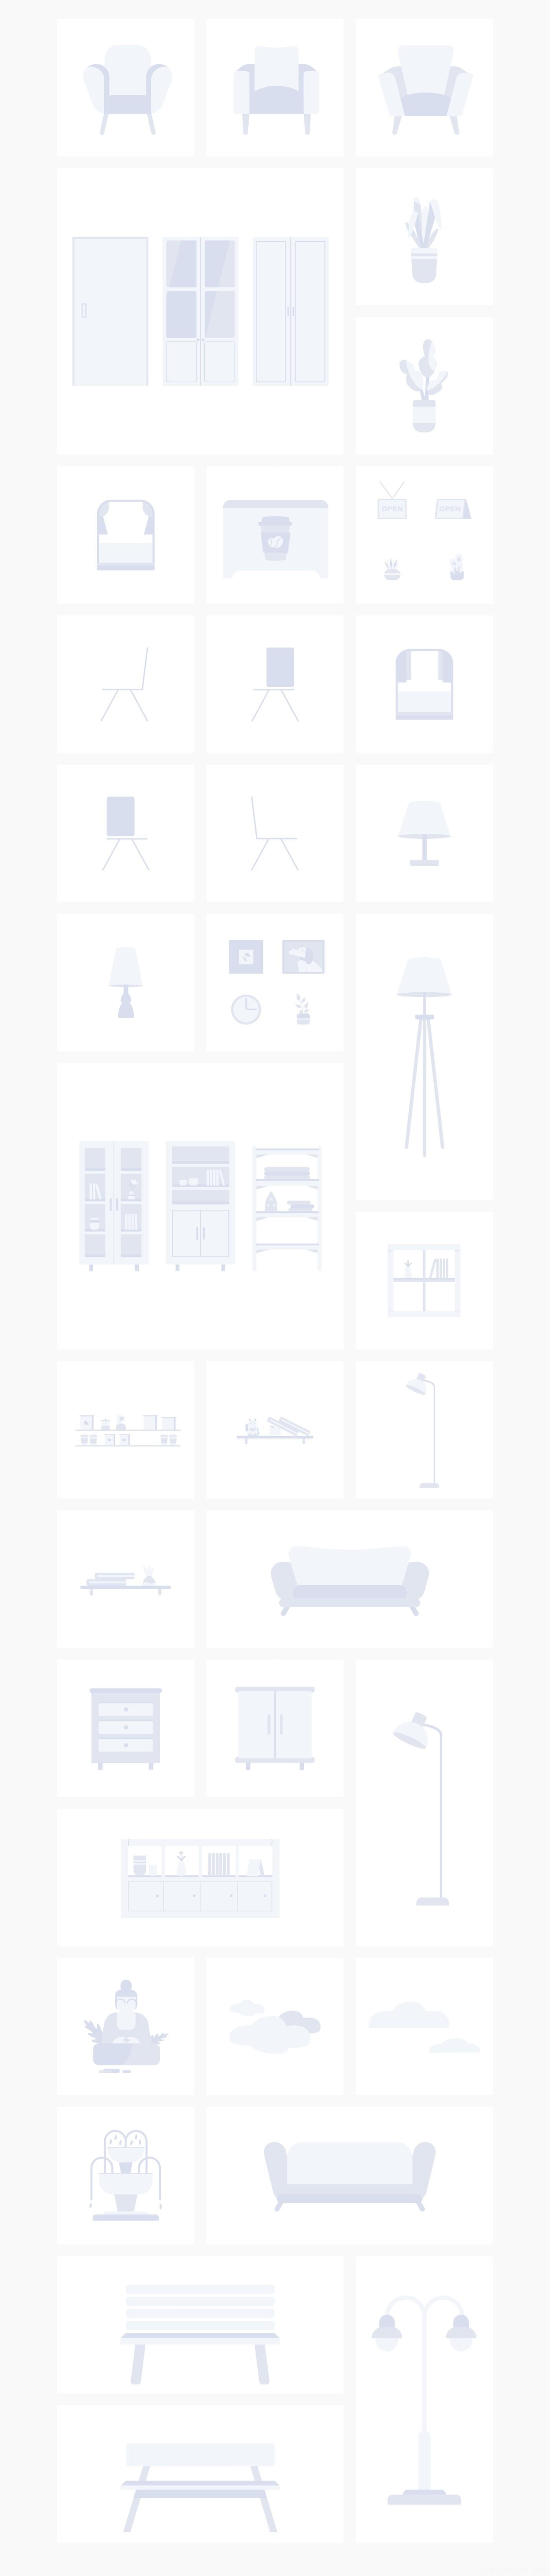 超全运营插画组件化插画模板源文件.fig .sketch .png源文件下载